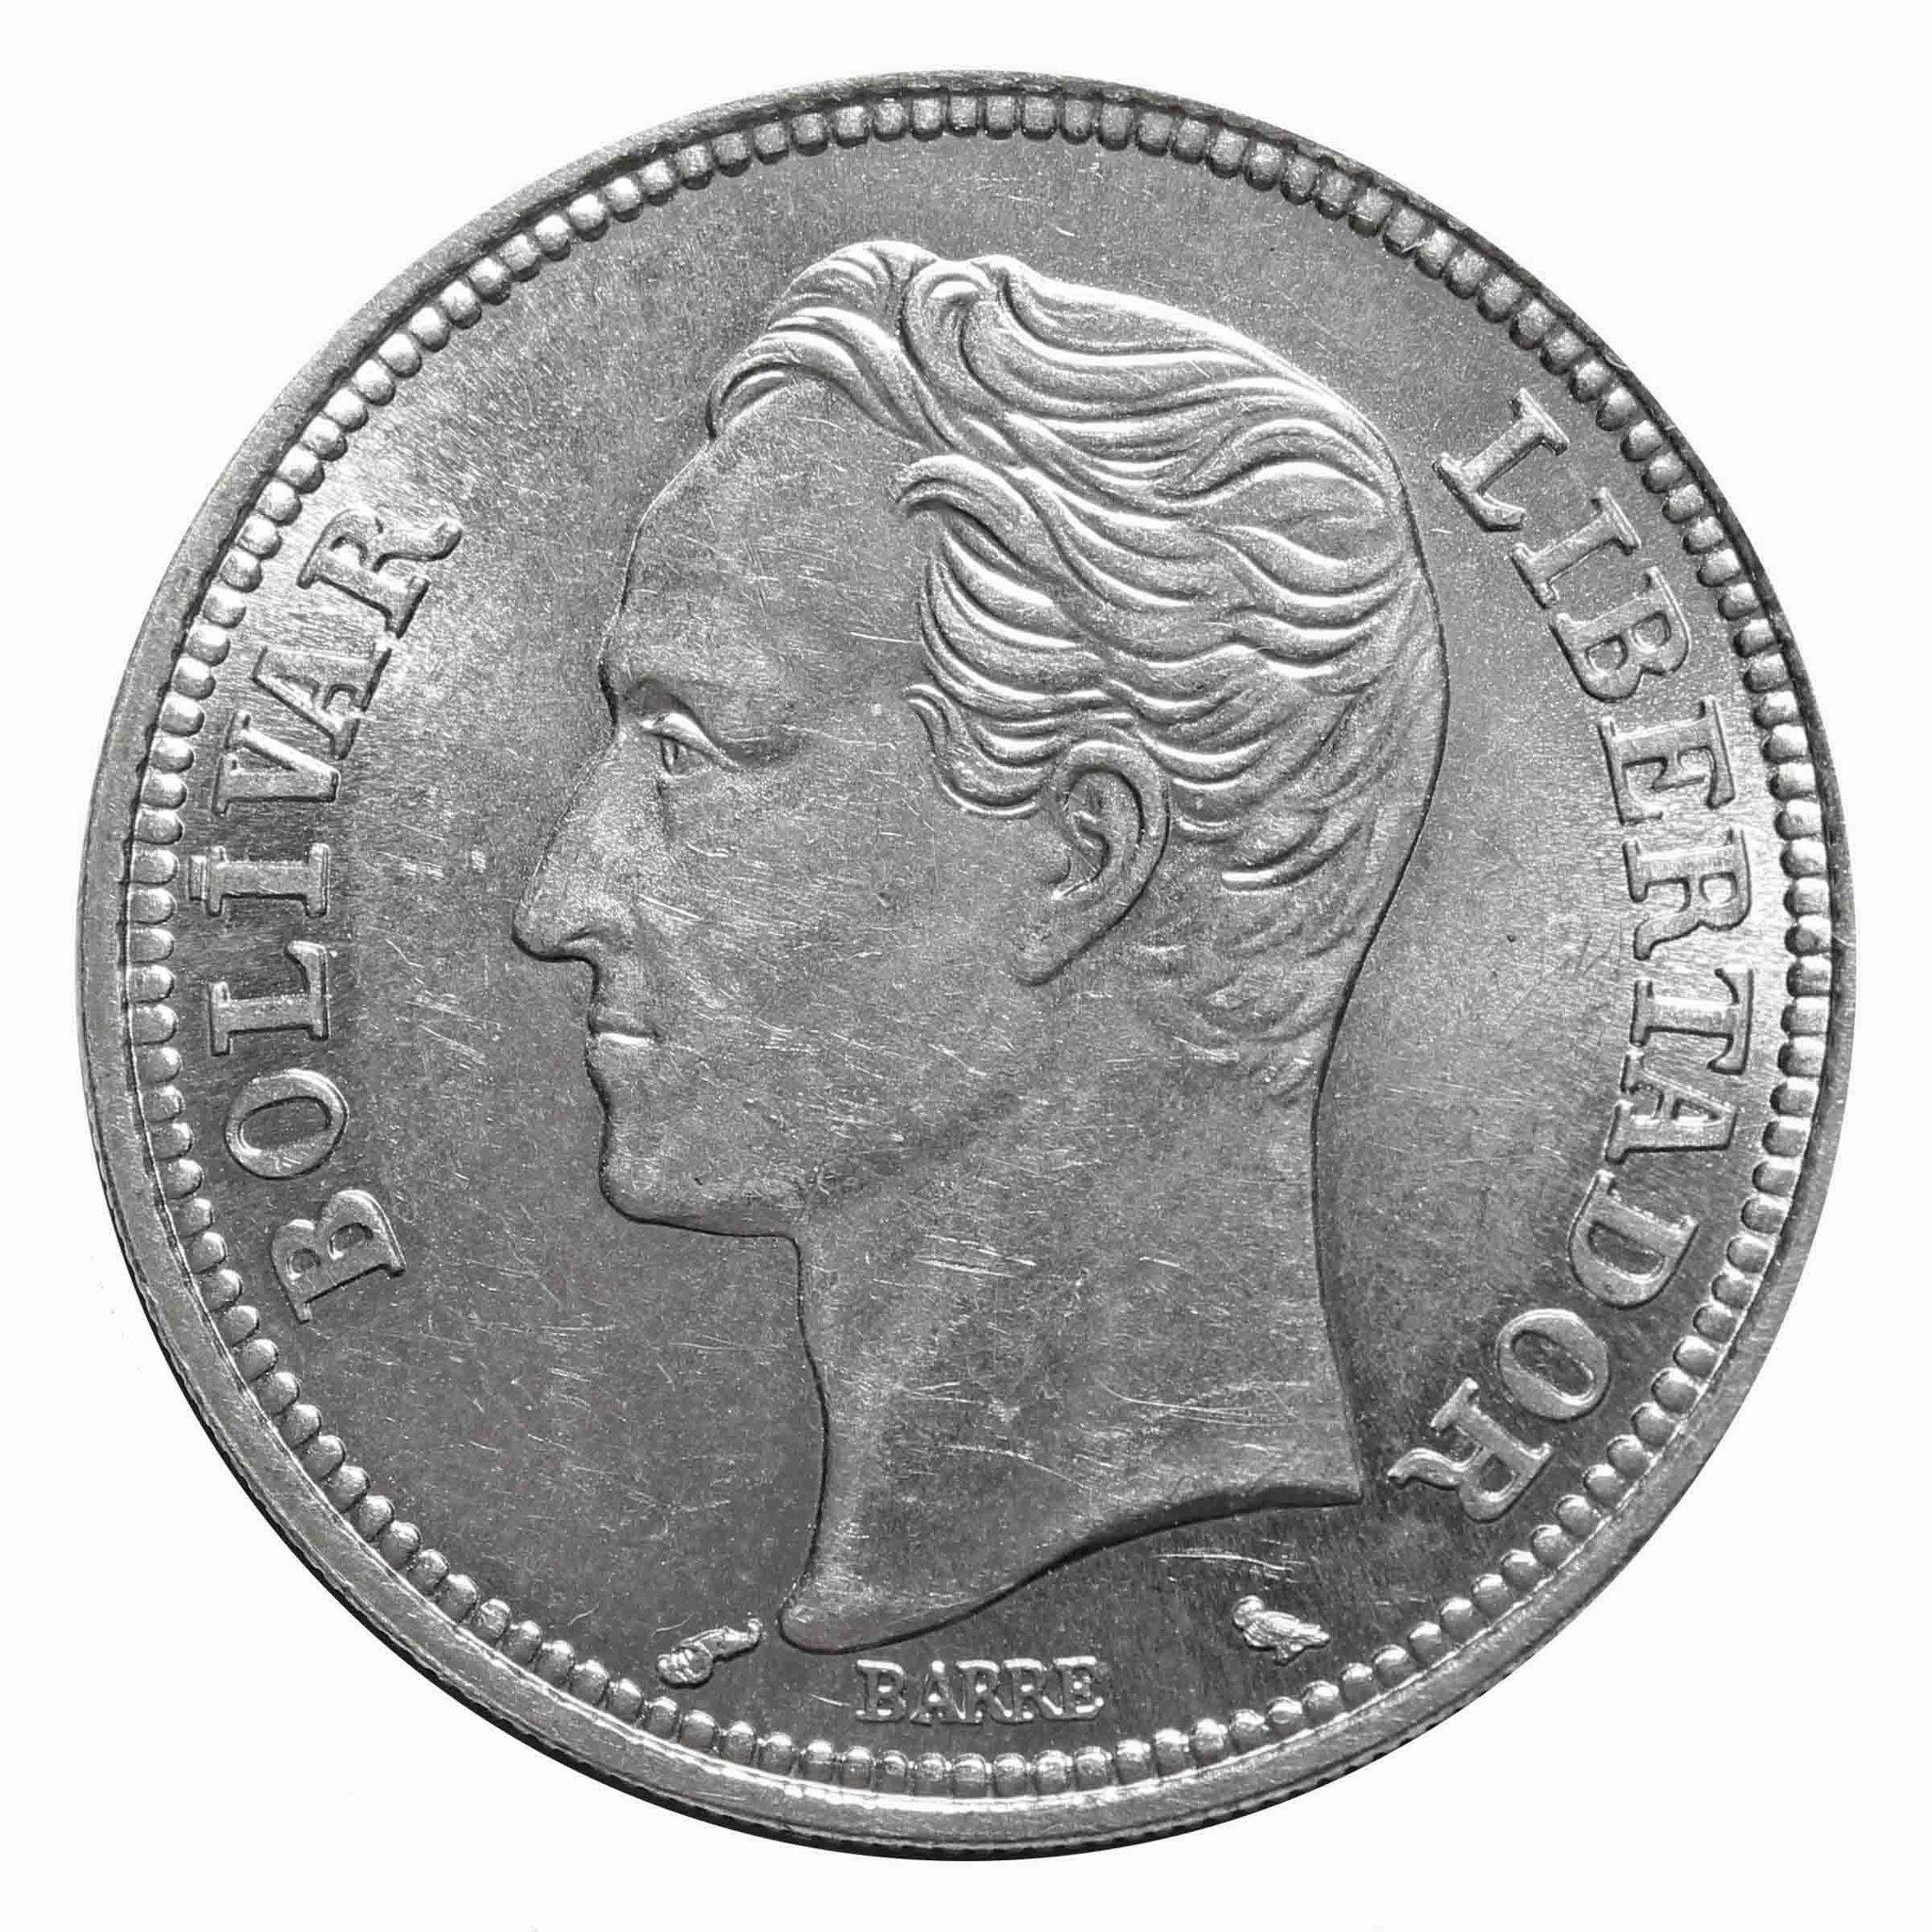 2 боливара 1965 г. Венесуэла XF-AU Серебро